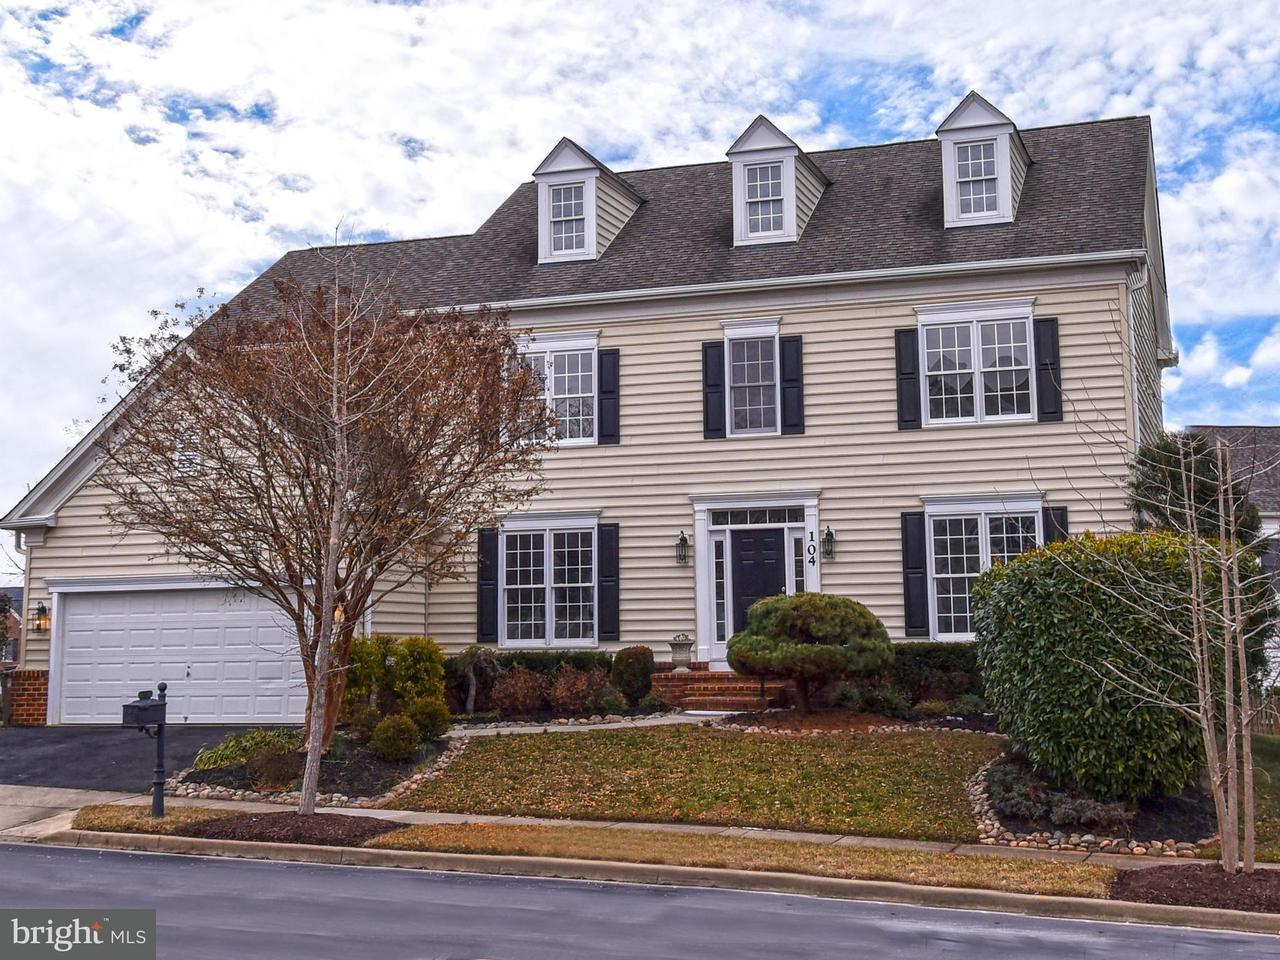 단독 가정 주택 용 매매 에 104 Jersey Lane 104 Jersey Lane Rockville, 메릴랜드 20850 미국